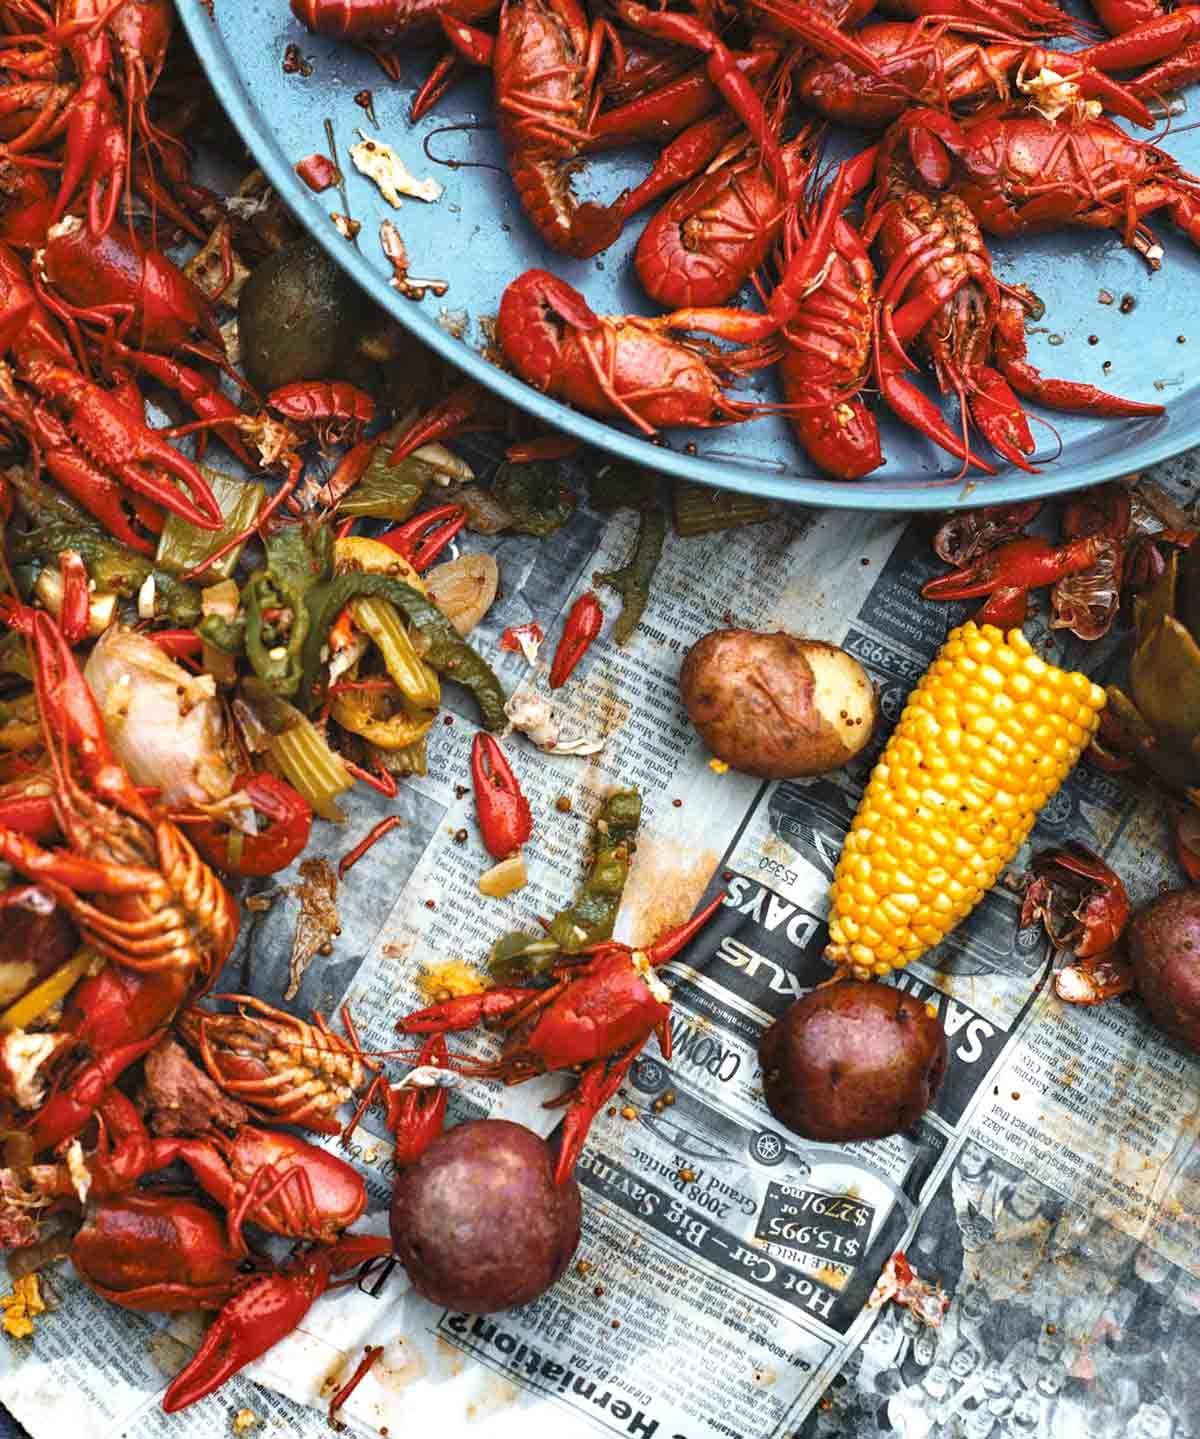 Crawfish boil recipe food recipes boiled food mardi